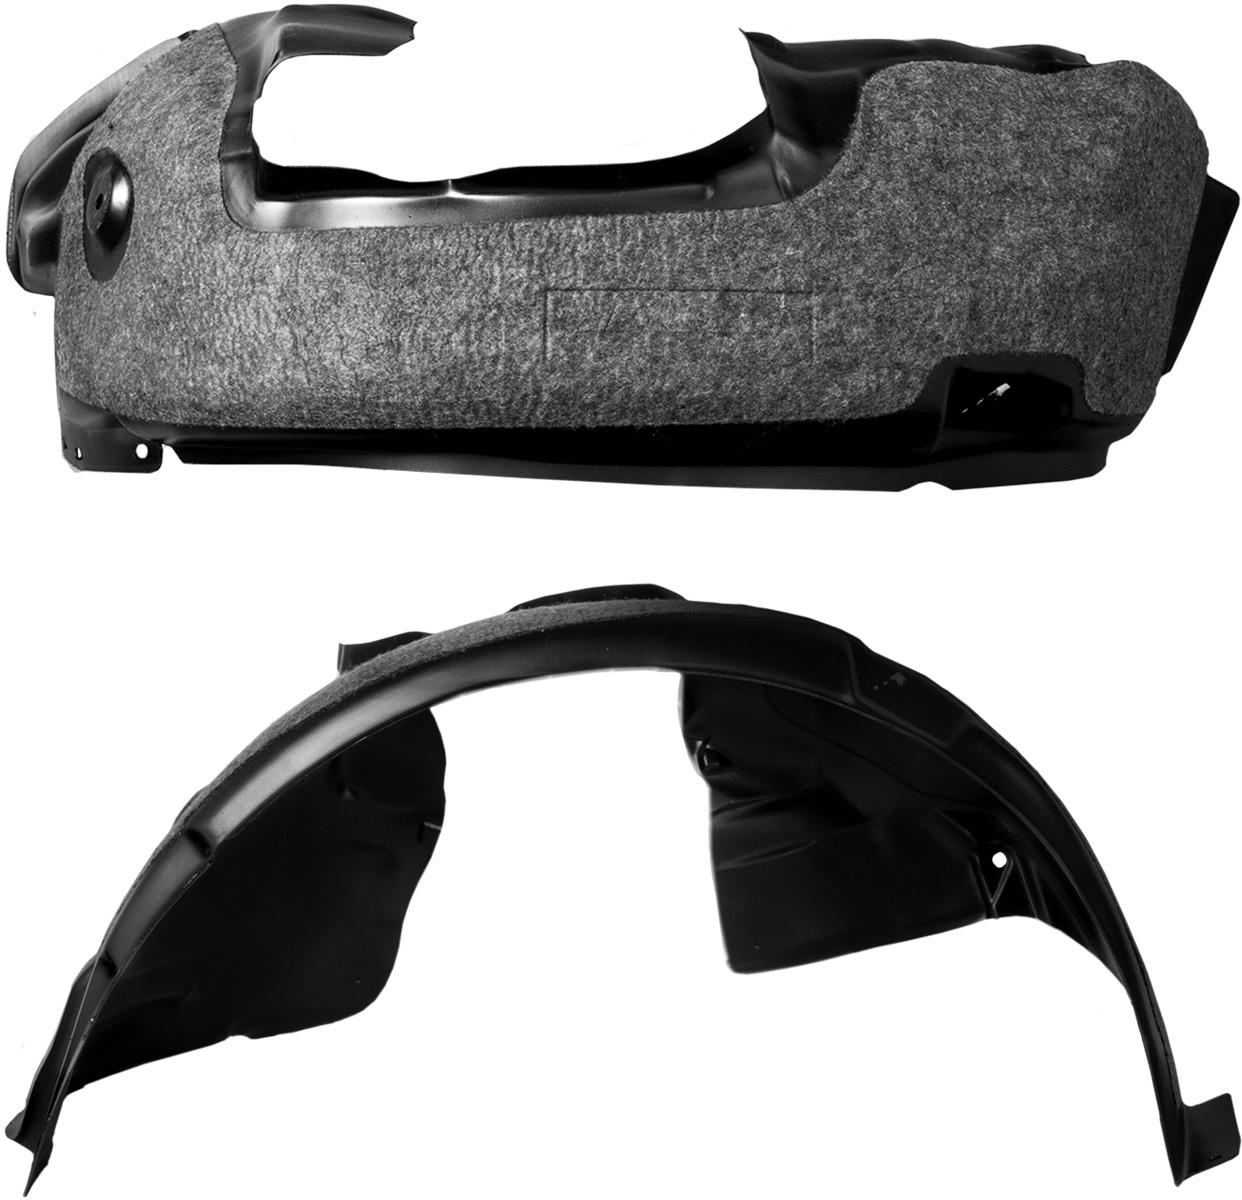 Подкрылок с шумоизоляцией Novline-Autofamily, для Peugeot Boxer, 08/2014 ->, с расширителями арок (передний левый)234100Подкрылок с шумоизоляцией - революционный продукт, совмещающий в себе все достоинства обычного подкрылка, и в то же время являющийся одним из наиболее эффективных средств борьбы с внешним шумом в салоне автомобиля. Подкрылки бренда Novline-Autofamily разрабатываются индивидуально для каждого автомобиля с использованием метода 3D-сканирования.В качестве шумоизолирующего слоя применяется легкое синтетическое нетканое полотно толщиной 10 мм, которое отталкивает влагу, сохраняет свои шумоизоляционные свойства на протяжении всего периода эксплуатации.Подкрылки с шумоизоляцией не имеют эксплуатационных ограничений и устанавливаются один раз на весь срок службы автомобиля.Подкрылки с шумоизоляцией не имеют аналогов и являются российским изобретением, получившим признание во всём мире. Уважаемые клиенты! Обращаем ваше внимание, фото может не полностью соответствовать оригиналу.